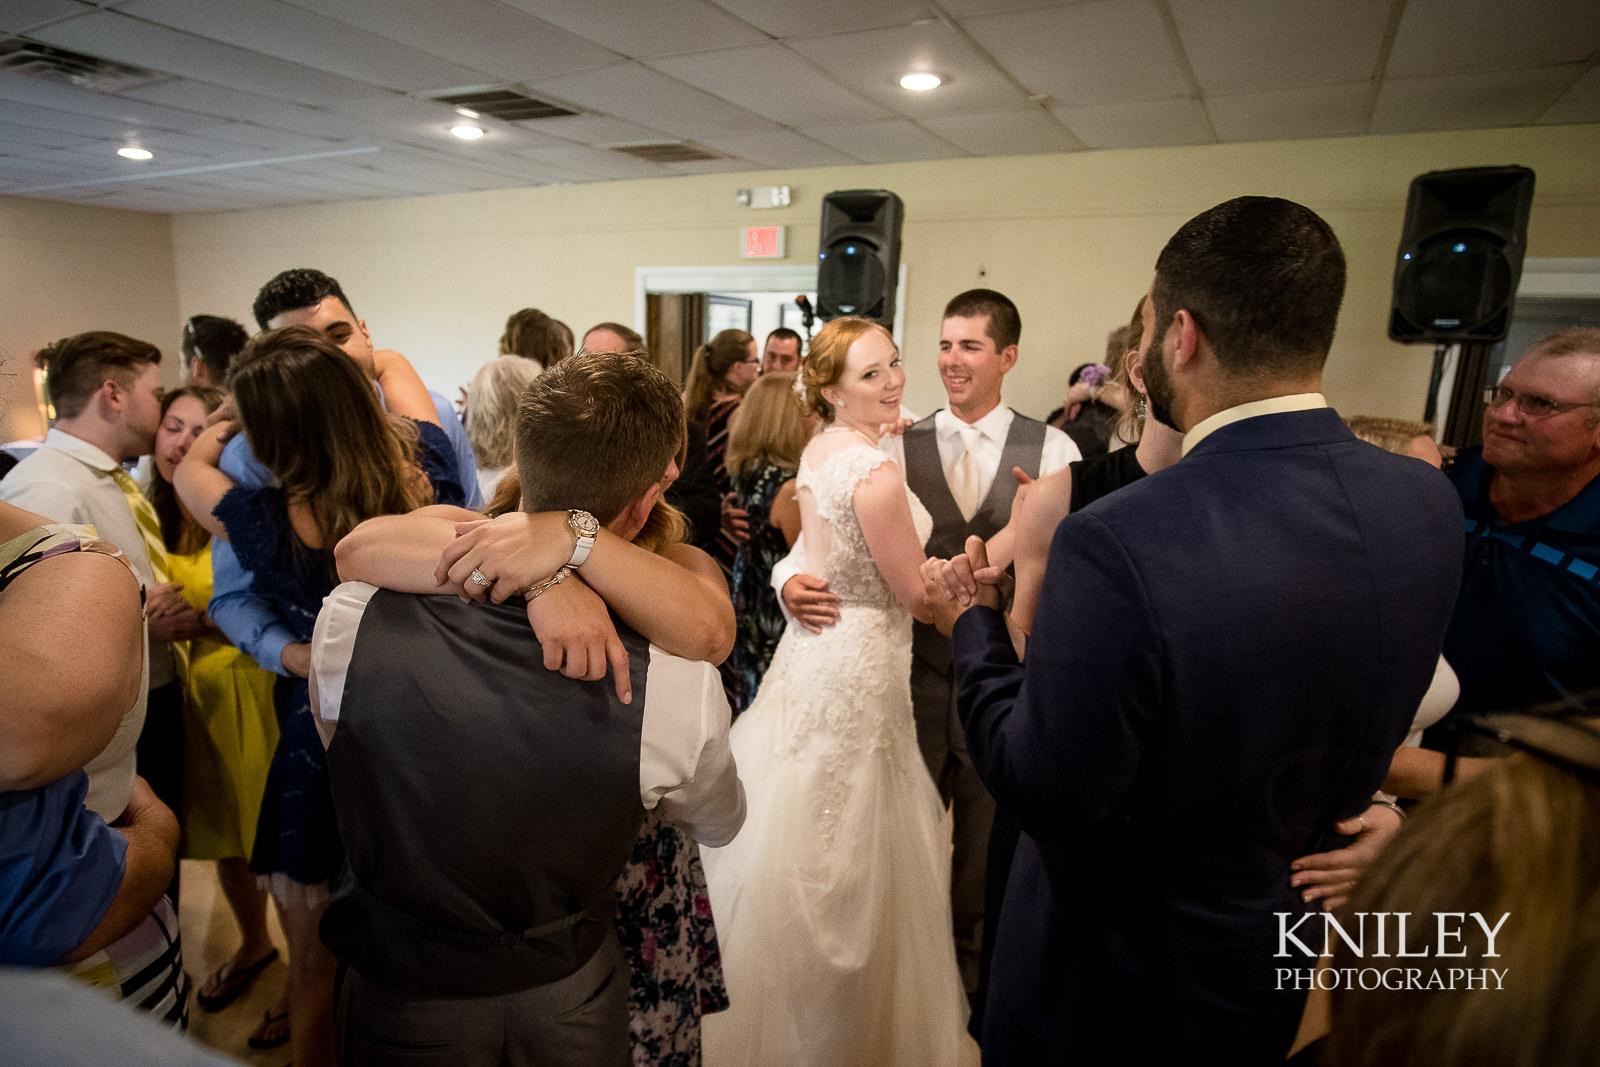 107 - Sodus Bay Heights Golf Club Wedding Pictures -XT2A4805.jpg